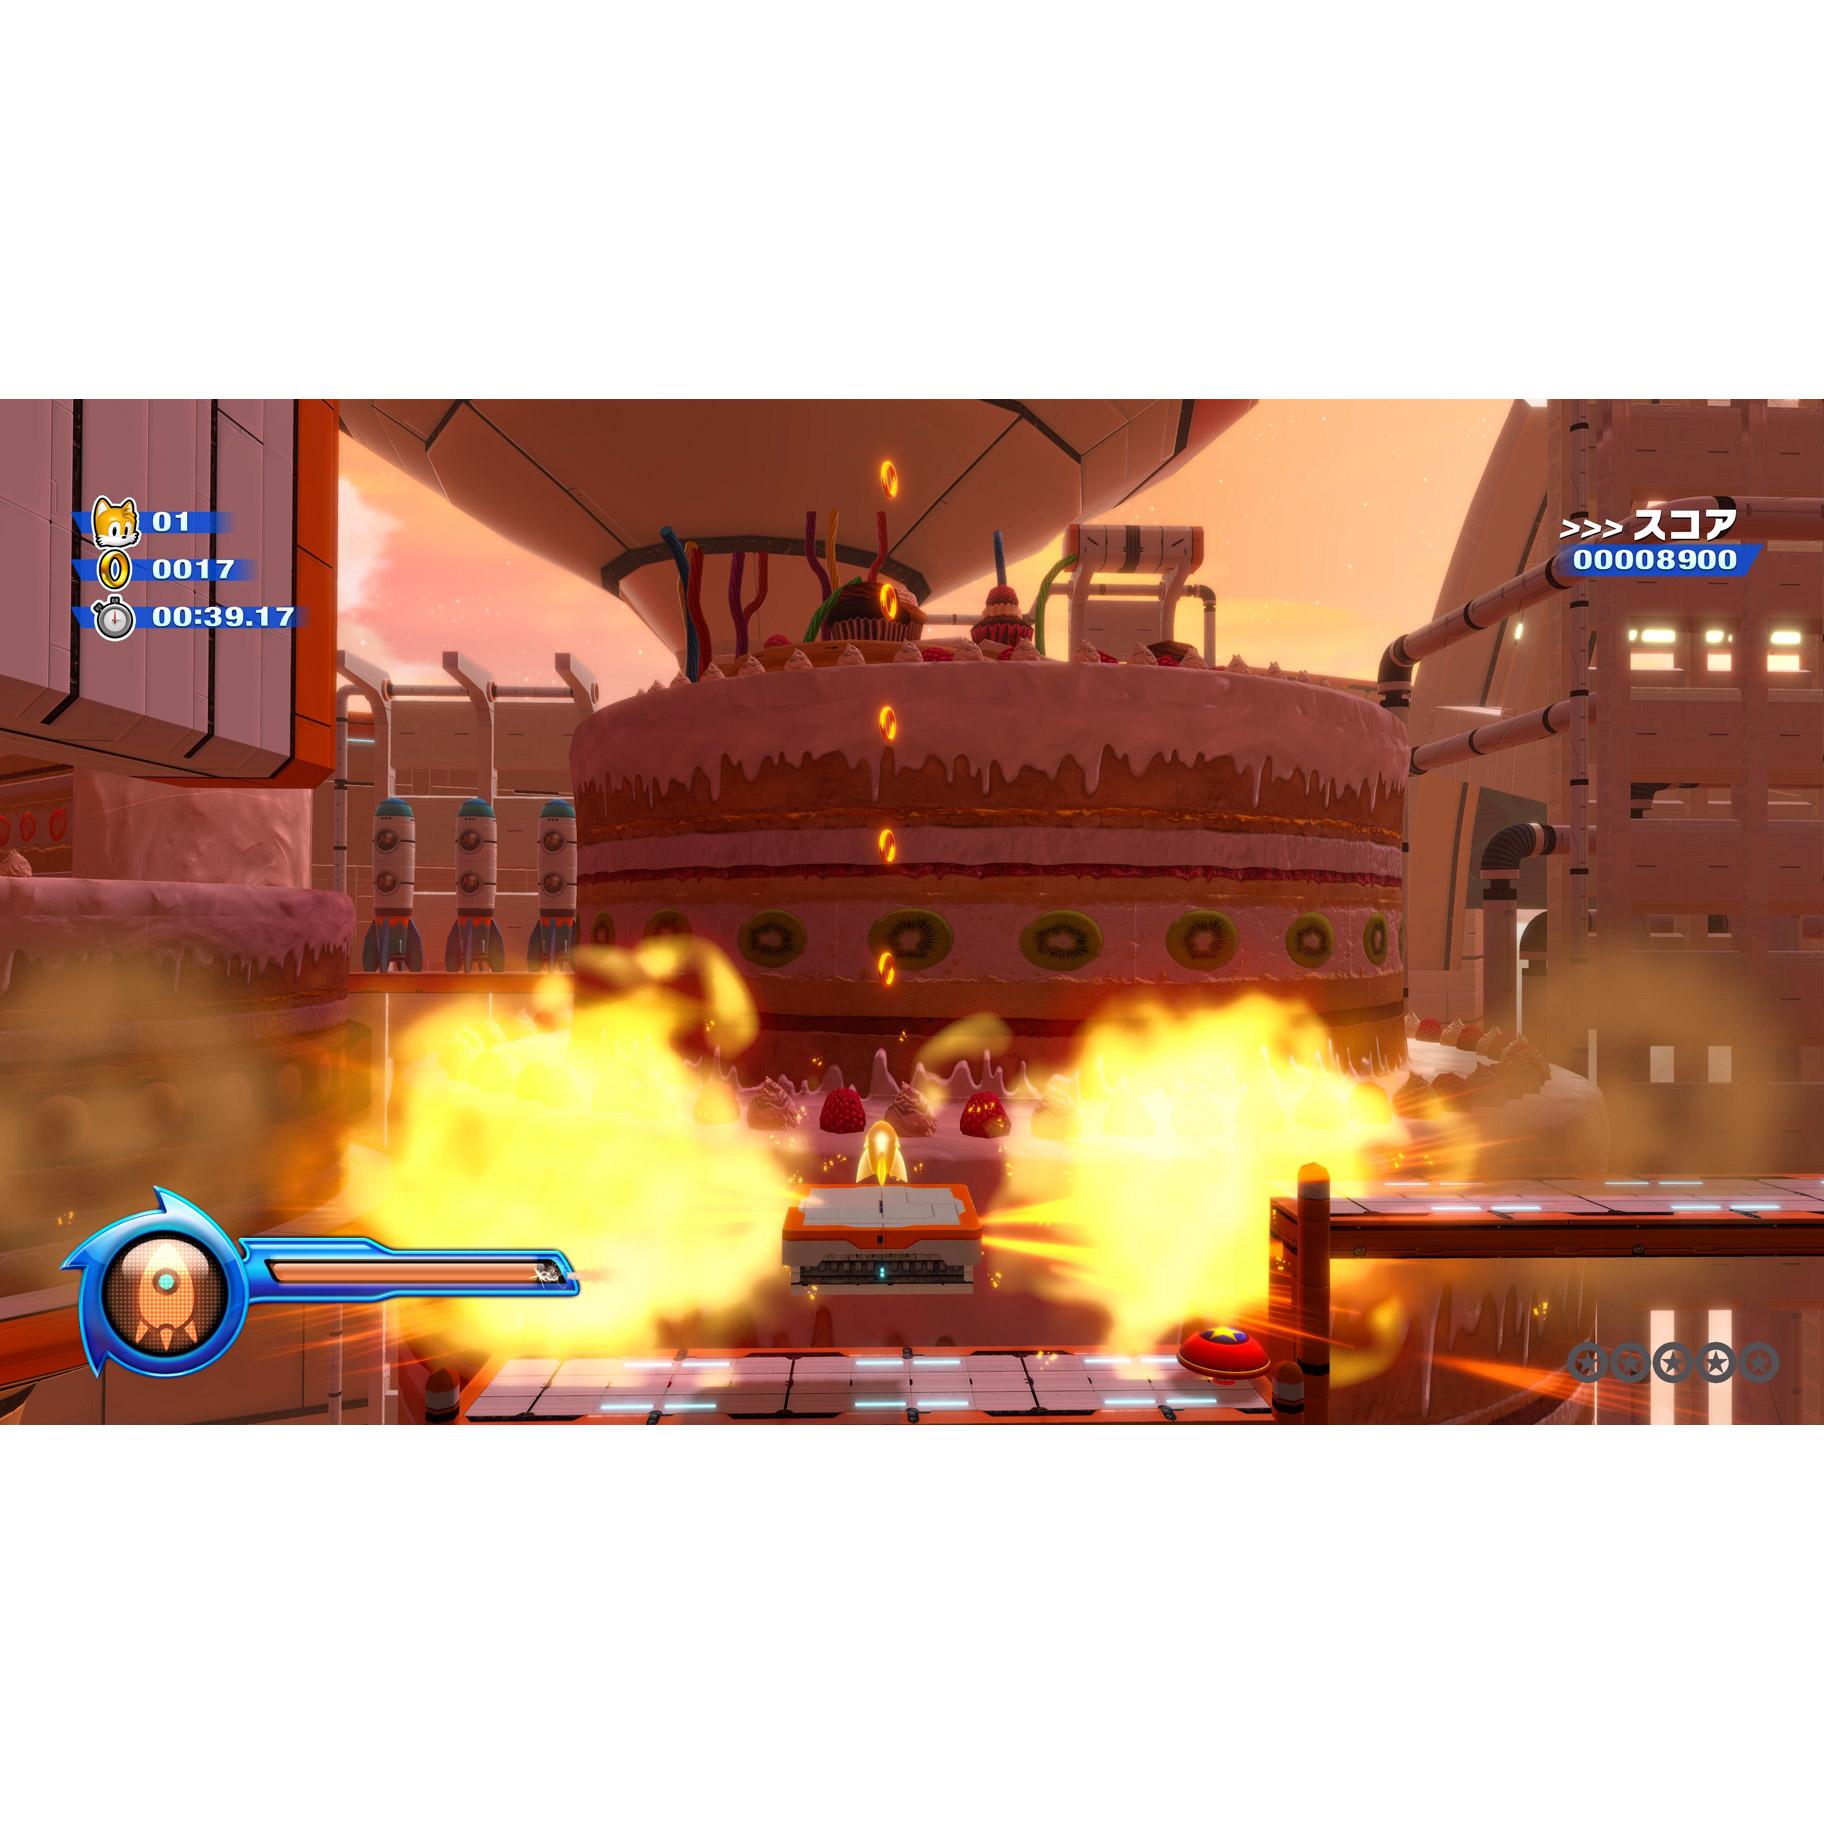 ソニックカラーズ アルティメット 30thアニバーサリーパッケージ 【PS4ゲームソフト】_4